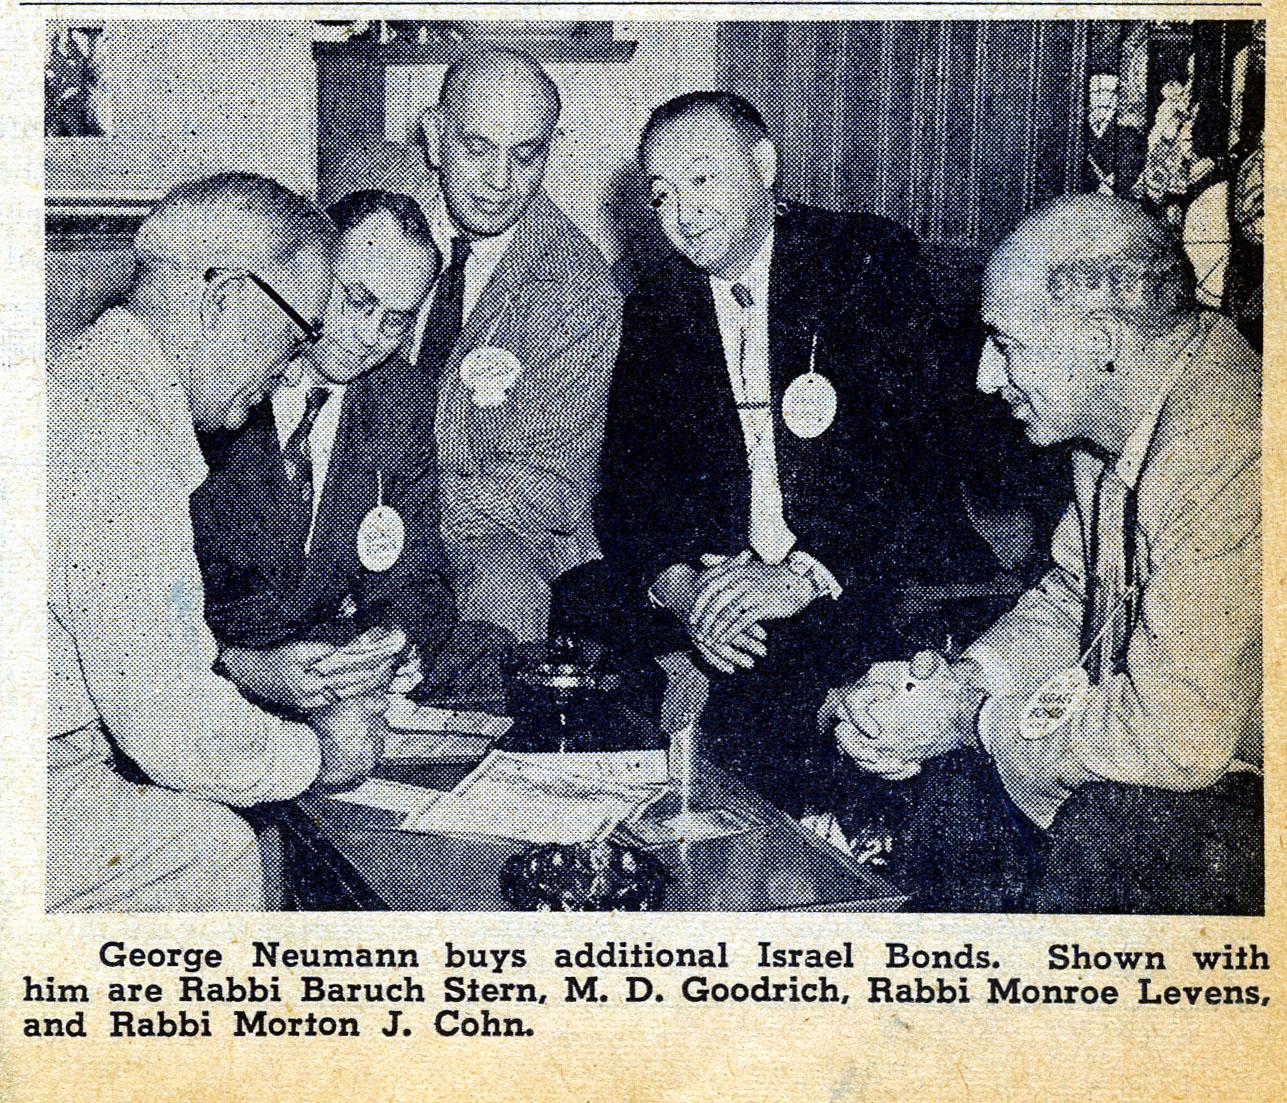 November 9, 1951—Photo and